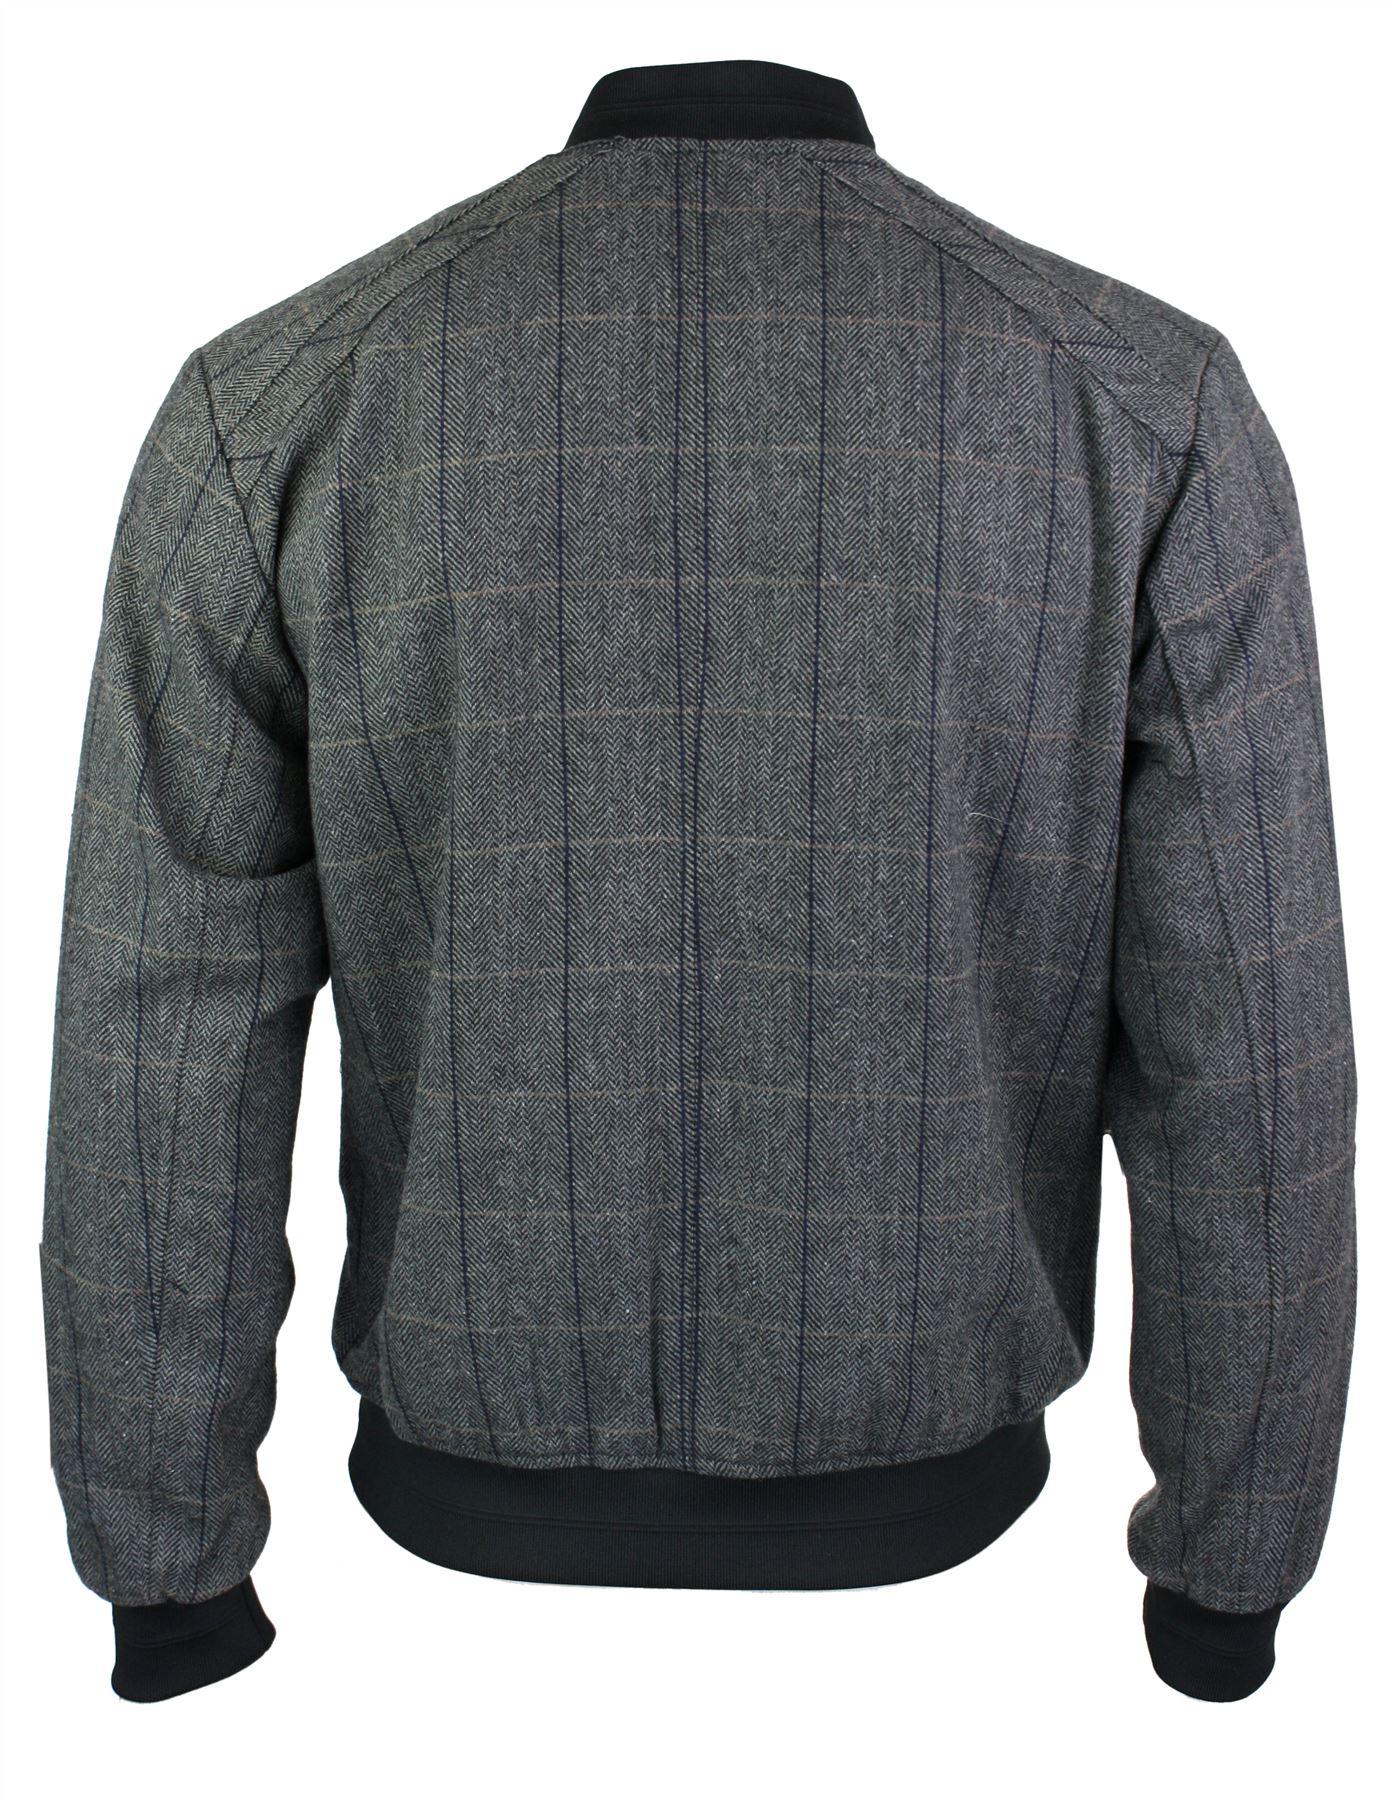 Veste bomber carreaux laine tweed chevrons harrington for Veste a carreaux homme